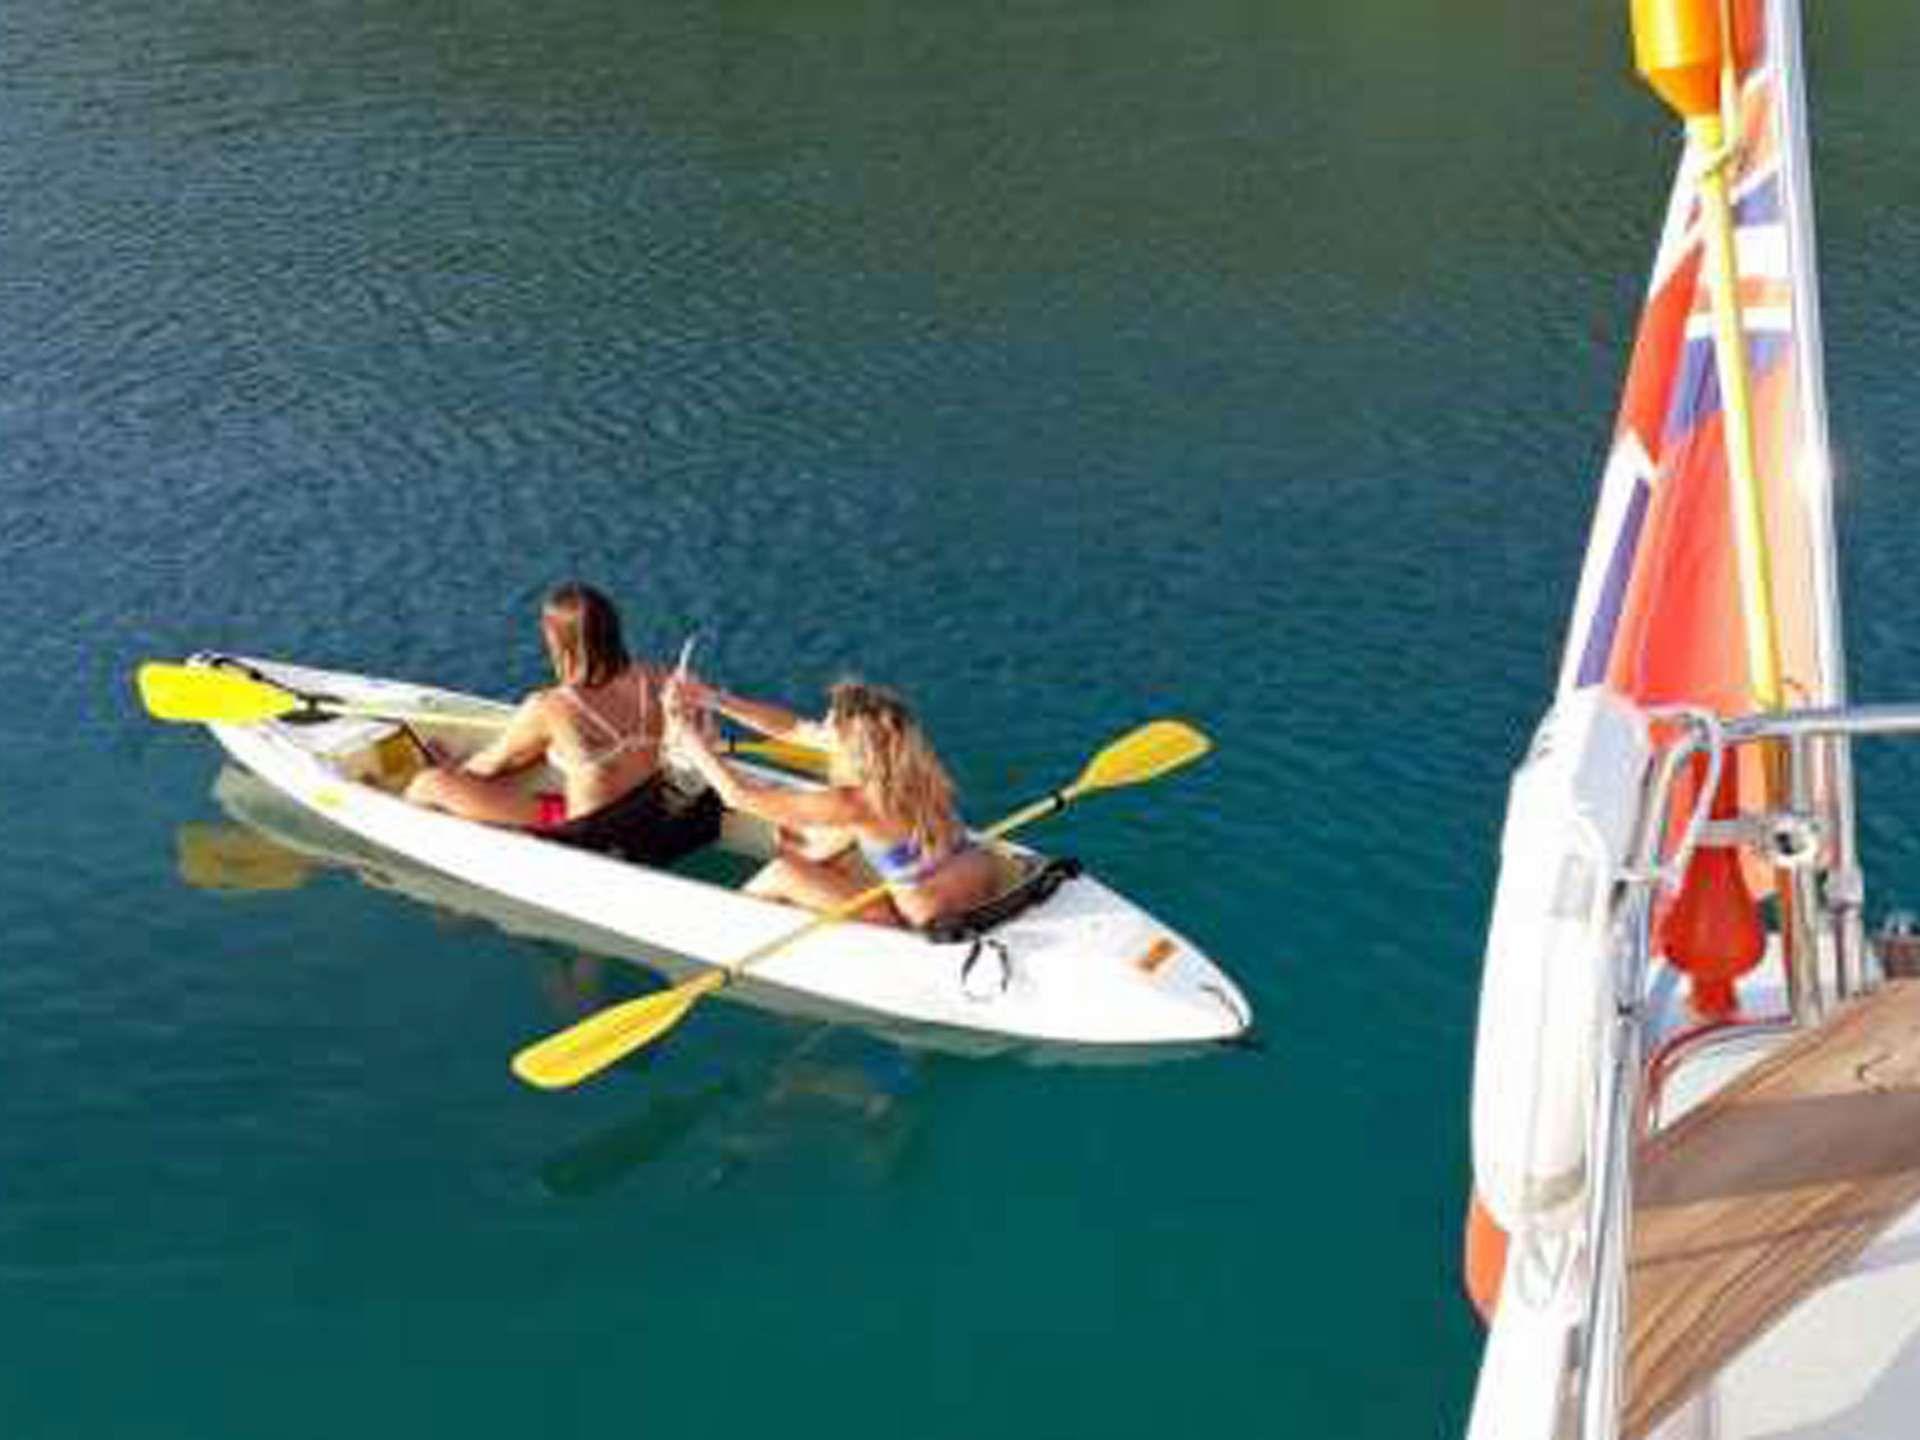 Fun in the glass bottom Kayak